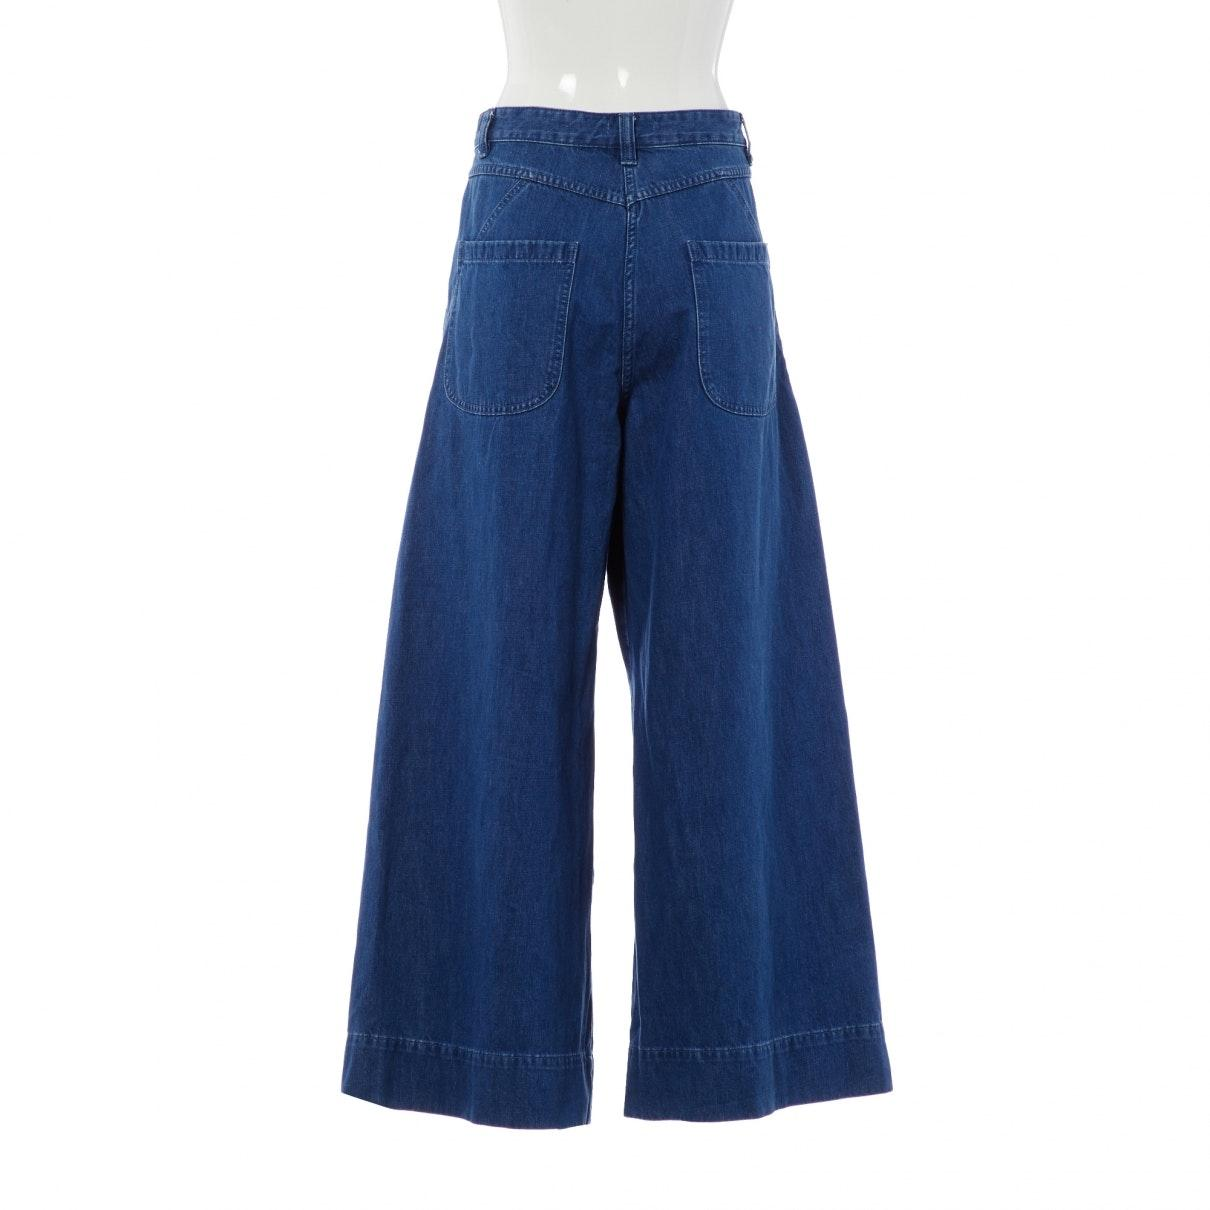 Ulla Johnson Baumwolle Breite Jeans in Blau RbeIp